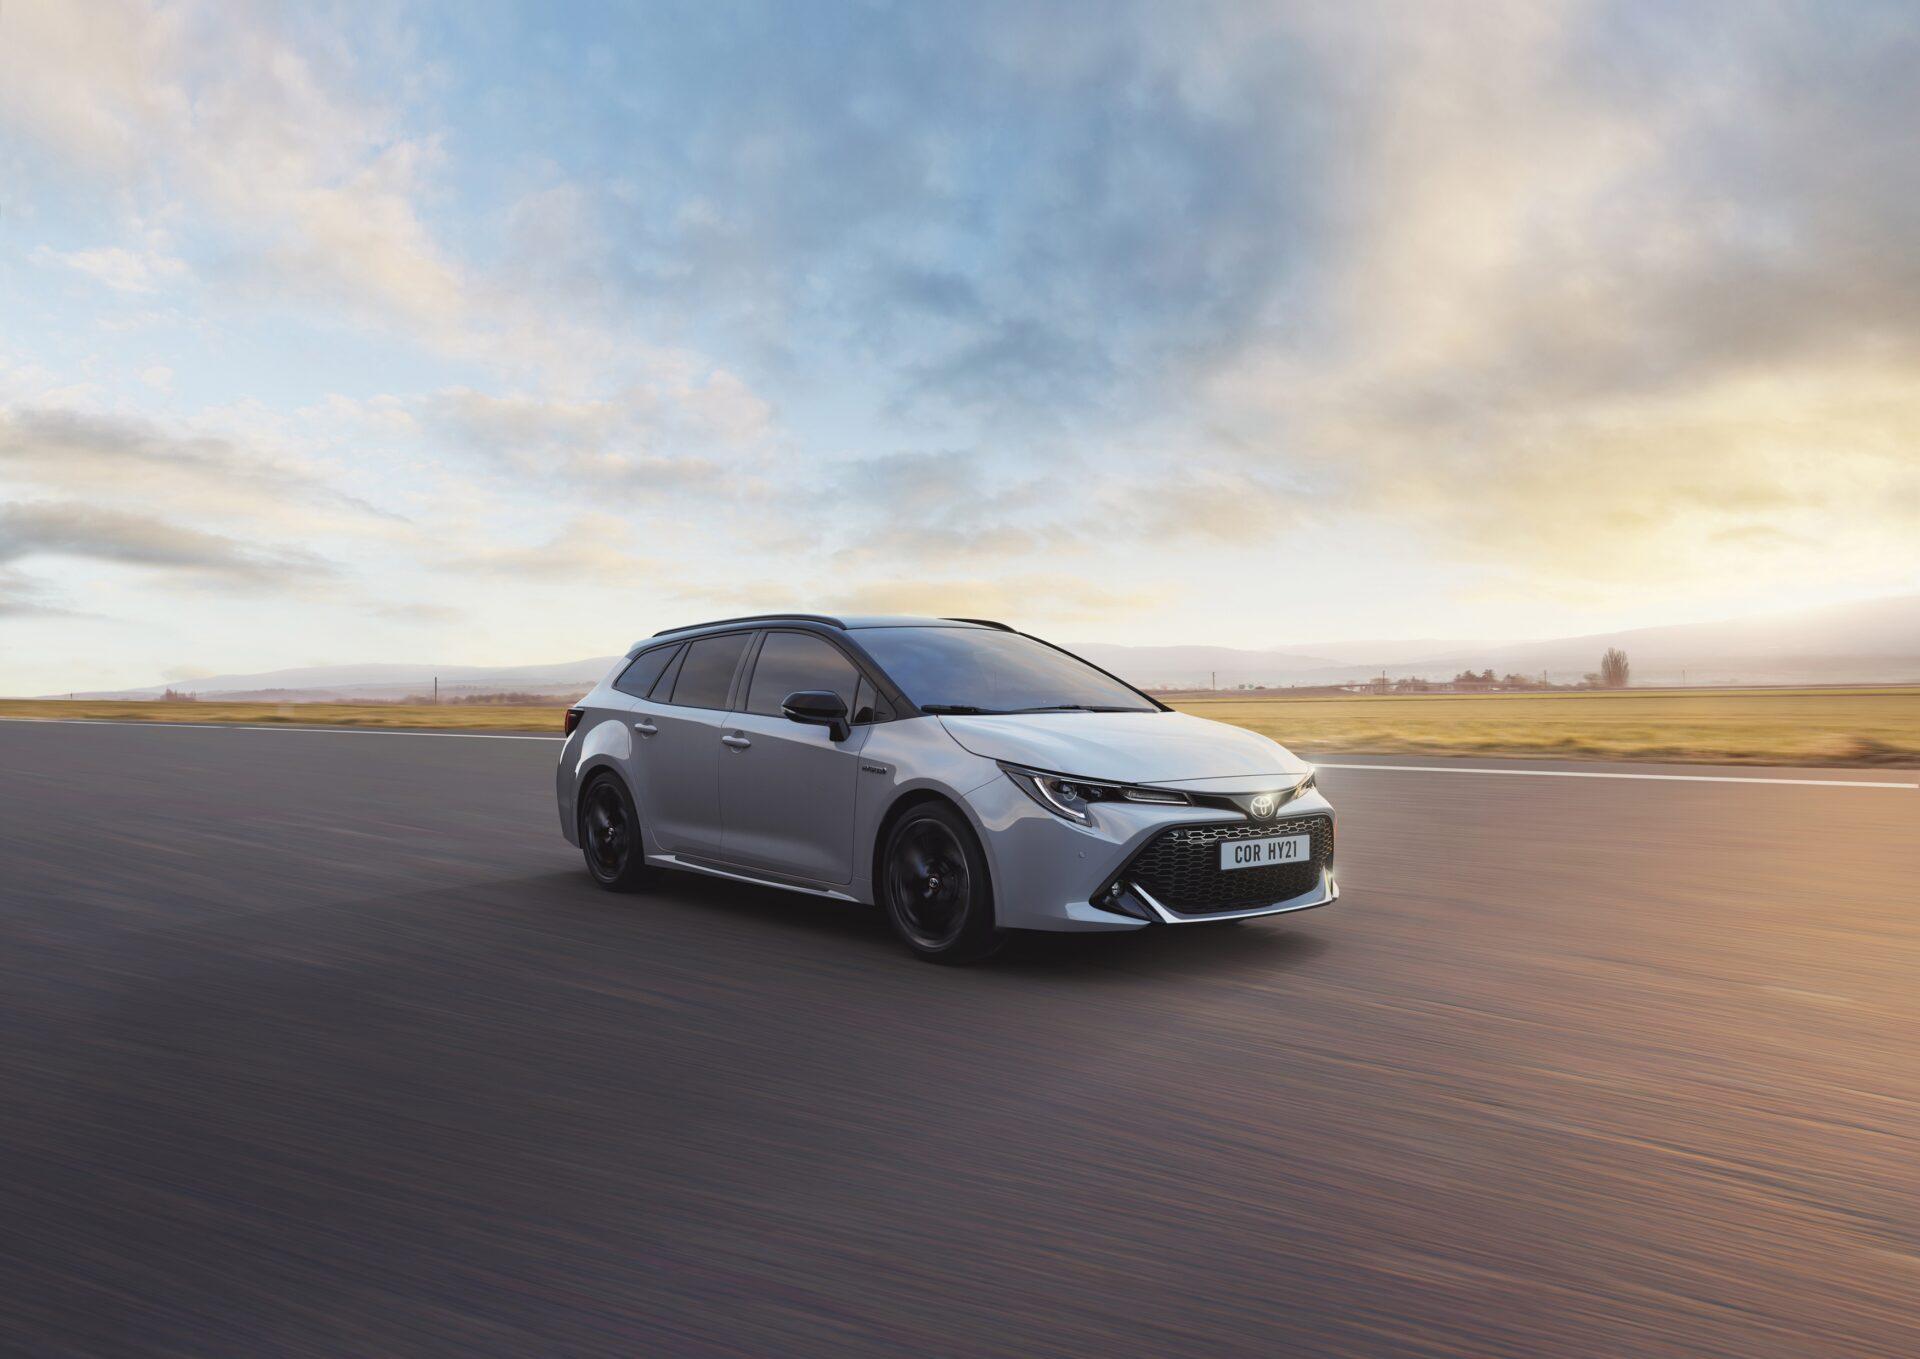 El Toyota Corolla 2021 renueva su gama e incluye la nueva variante Touring Sports GR Sport